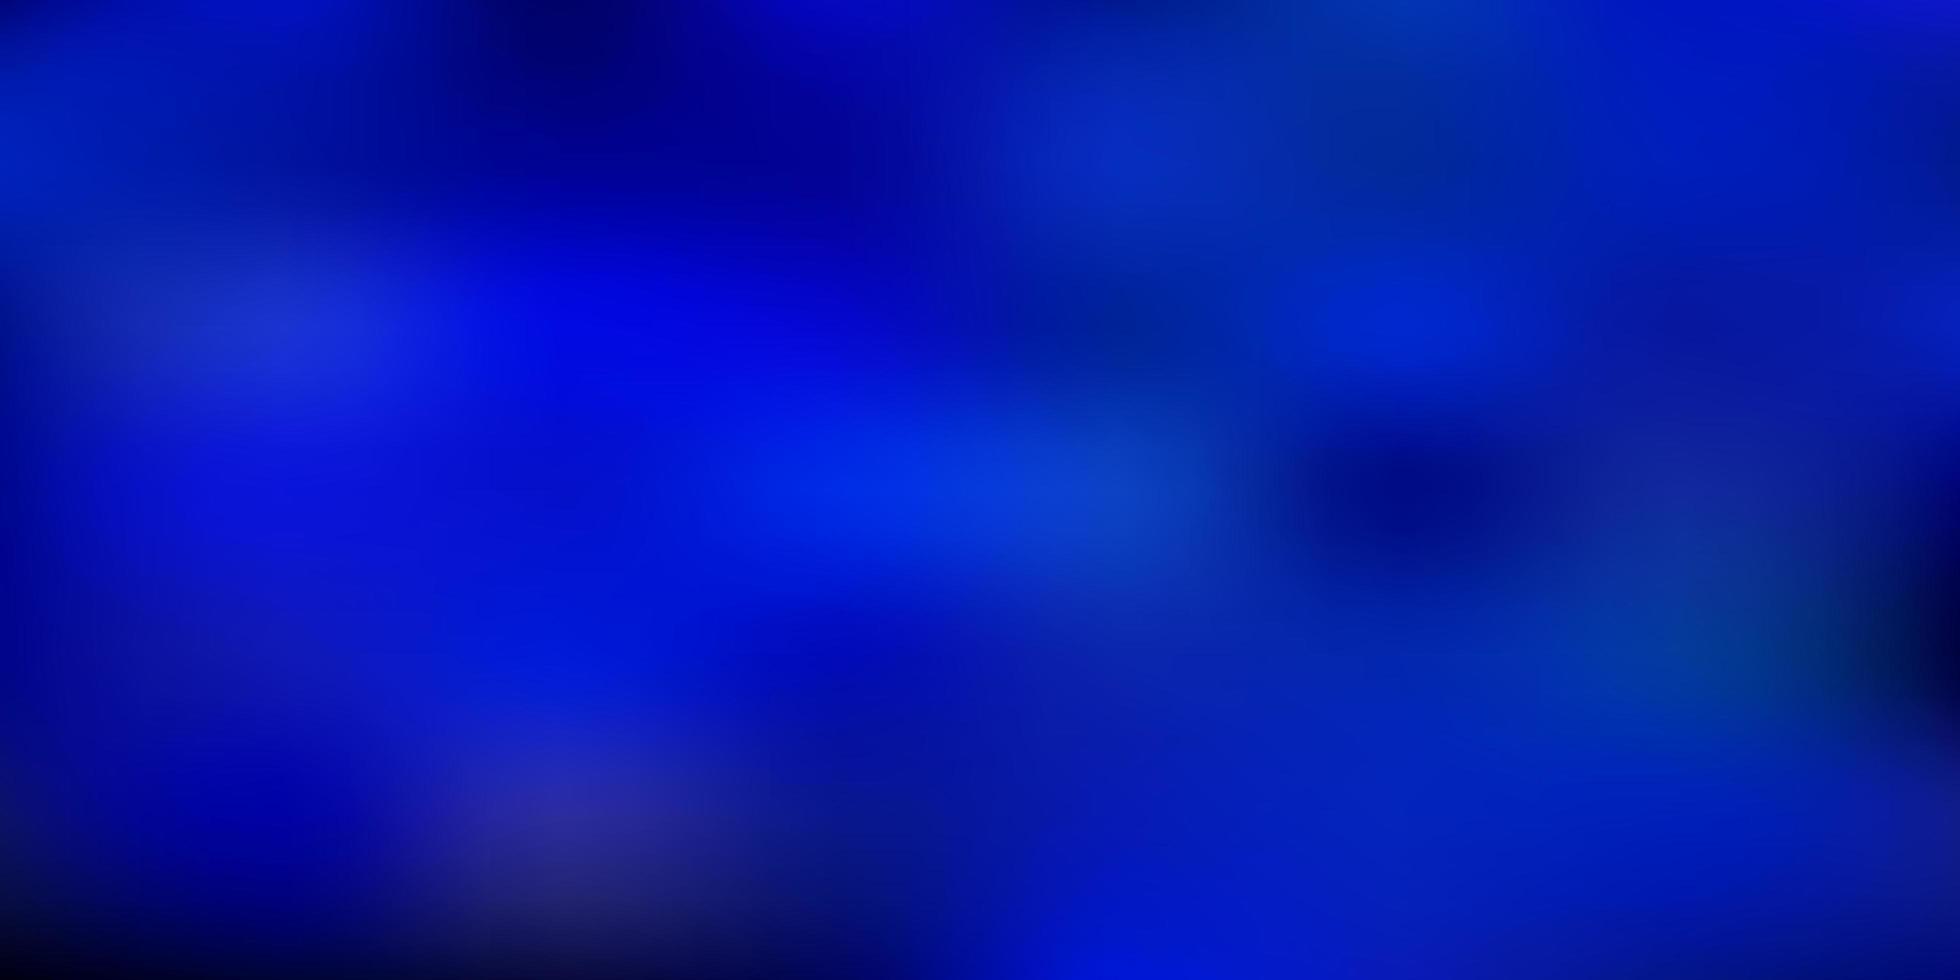 desenho de borrão de gradiente de vetor azul escuro.